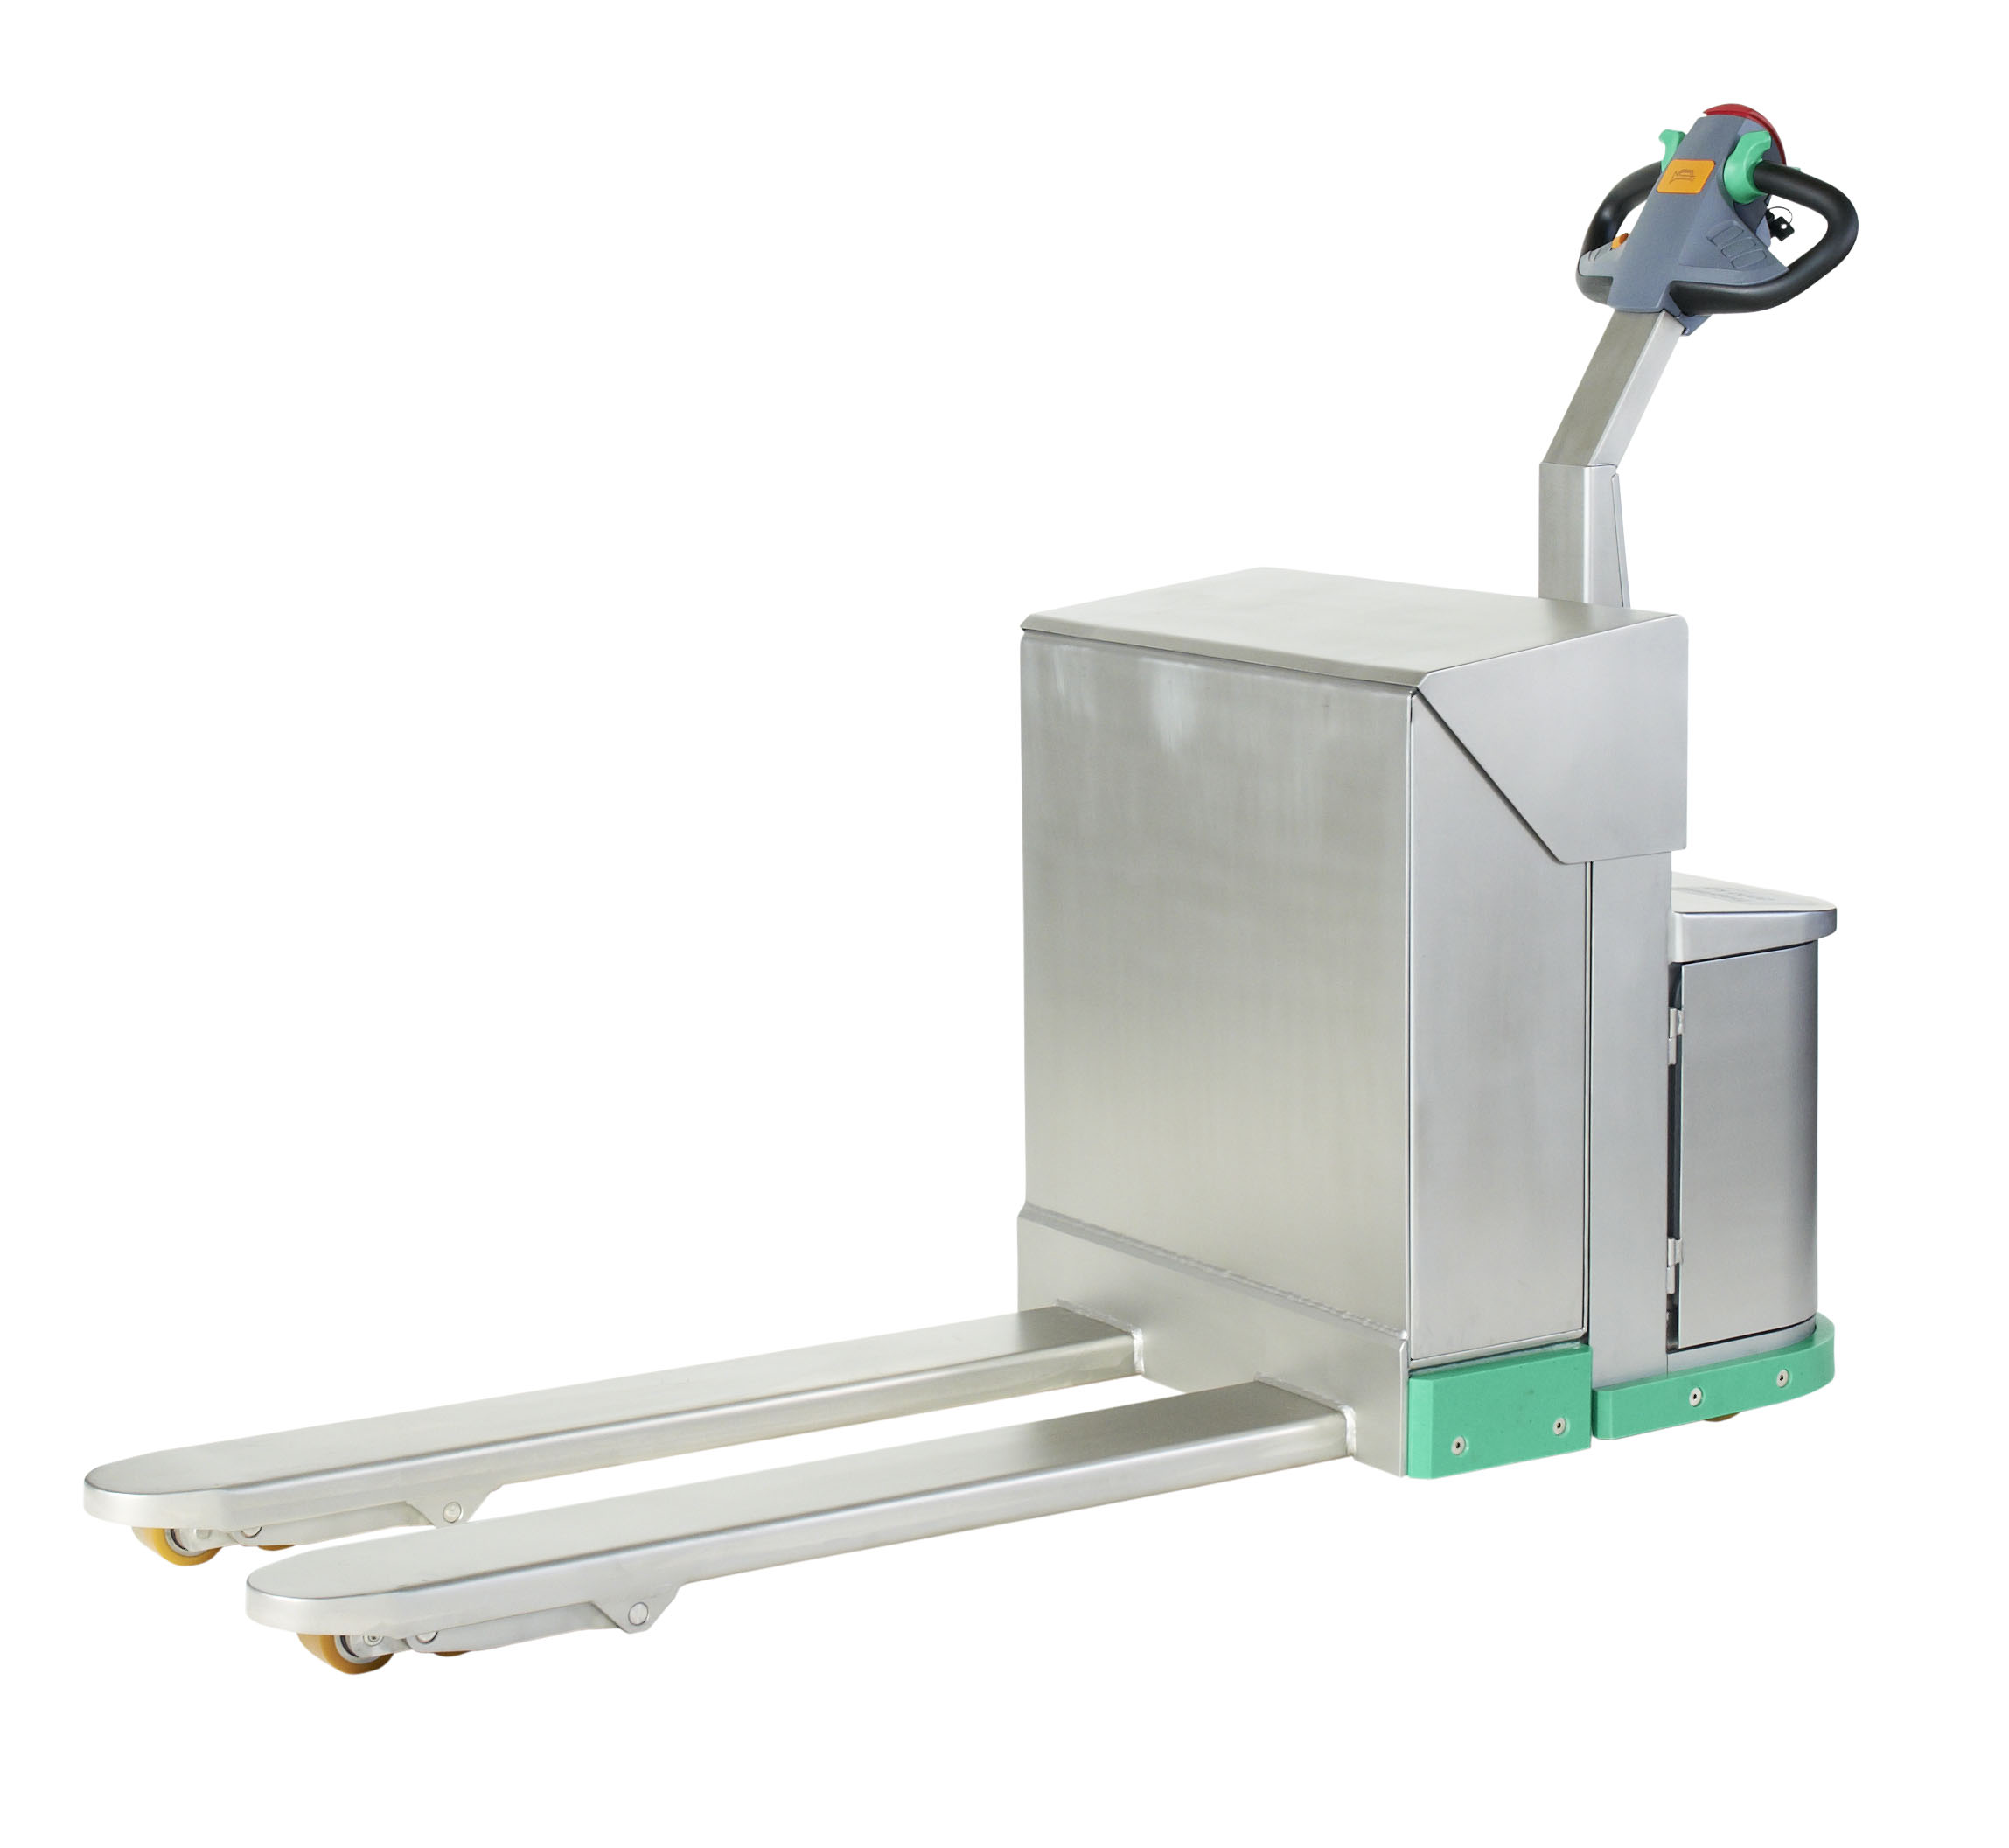 Edelstahl-Elektro- und Gabelhubwagen speziell für den Dauereinsatz in der Fleisch- und Lebensmittel-, Chemie- und Pharma